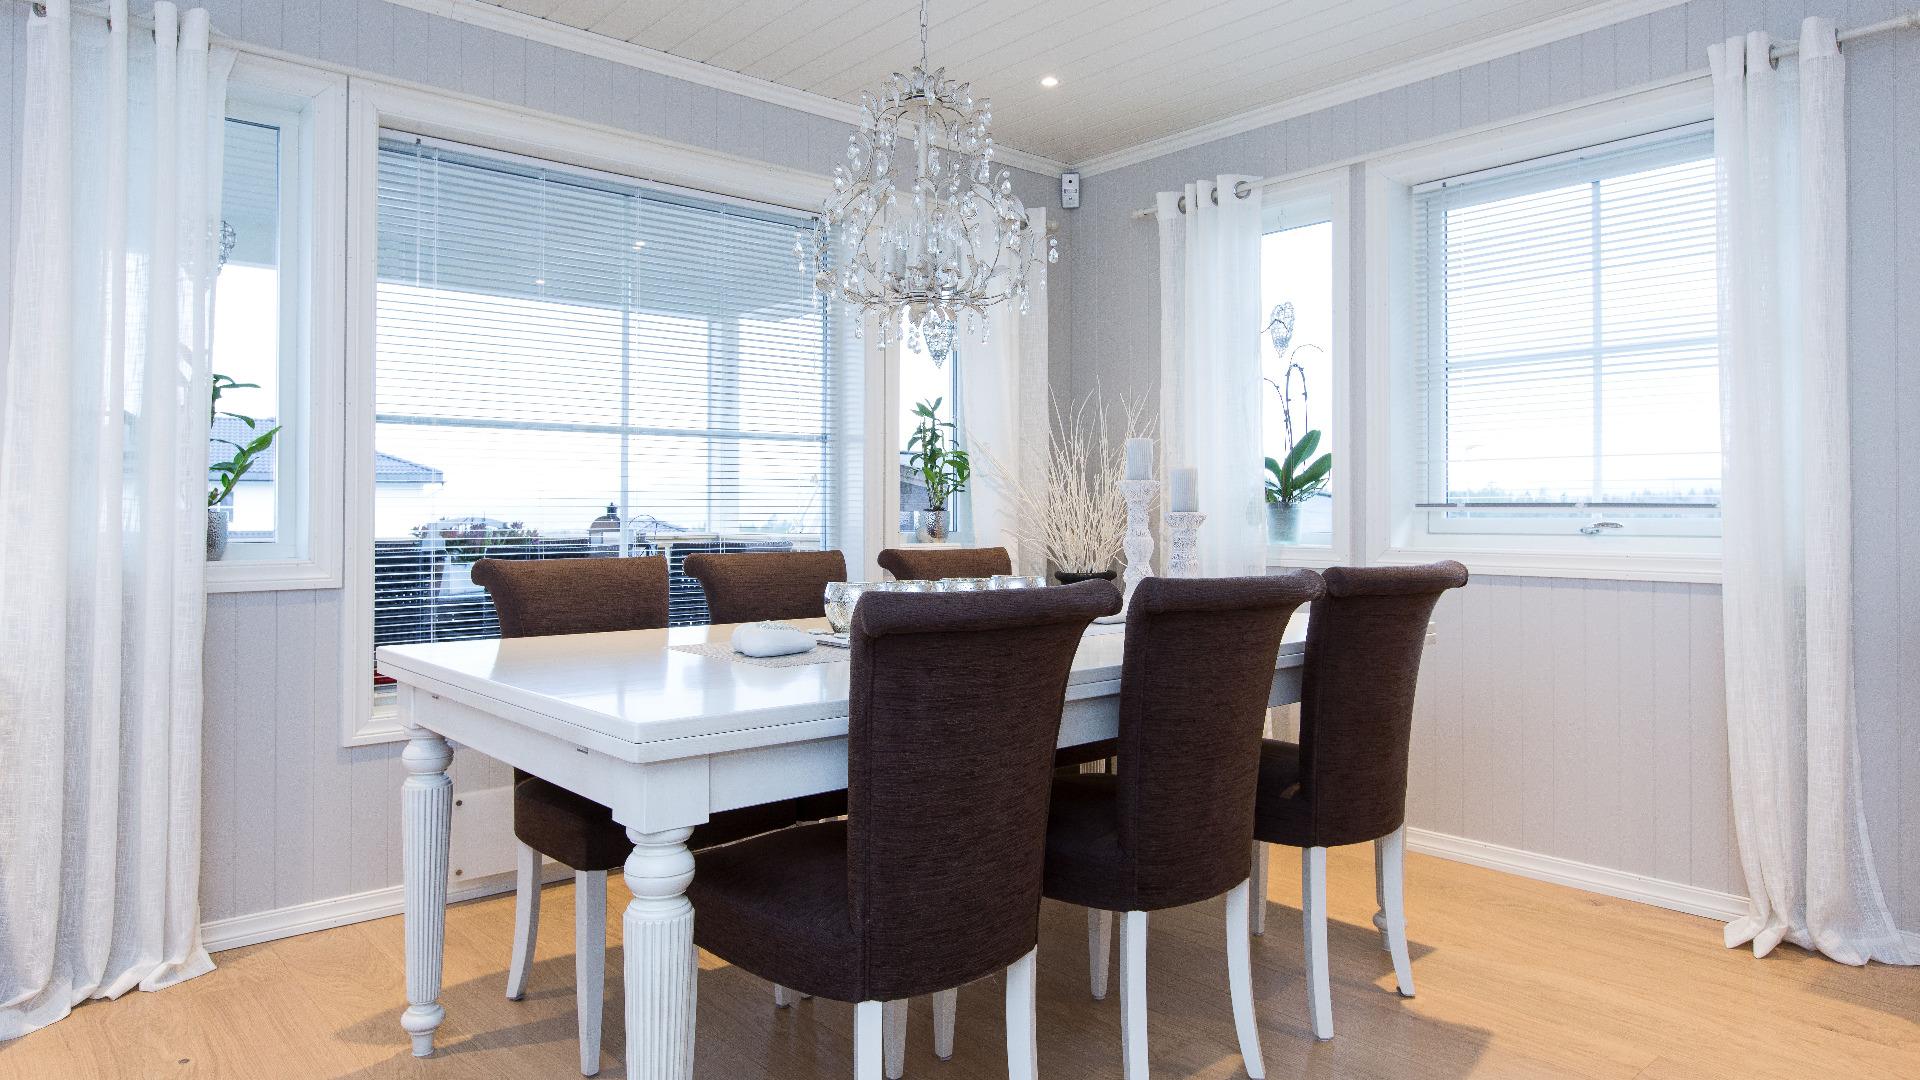 Det er i spisestua vi samles, holder selskaper, deler måltider og snakker til sola går ned. Når du sitter her har du god kontakt med både kjøkken og stue, og de store vinduene skaper et lyst og hyggelig sted å være.